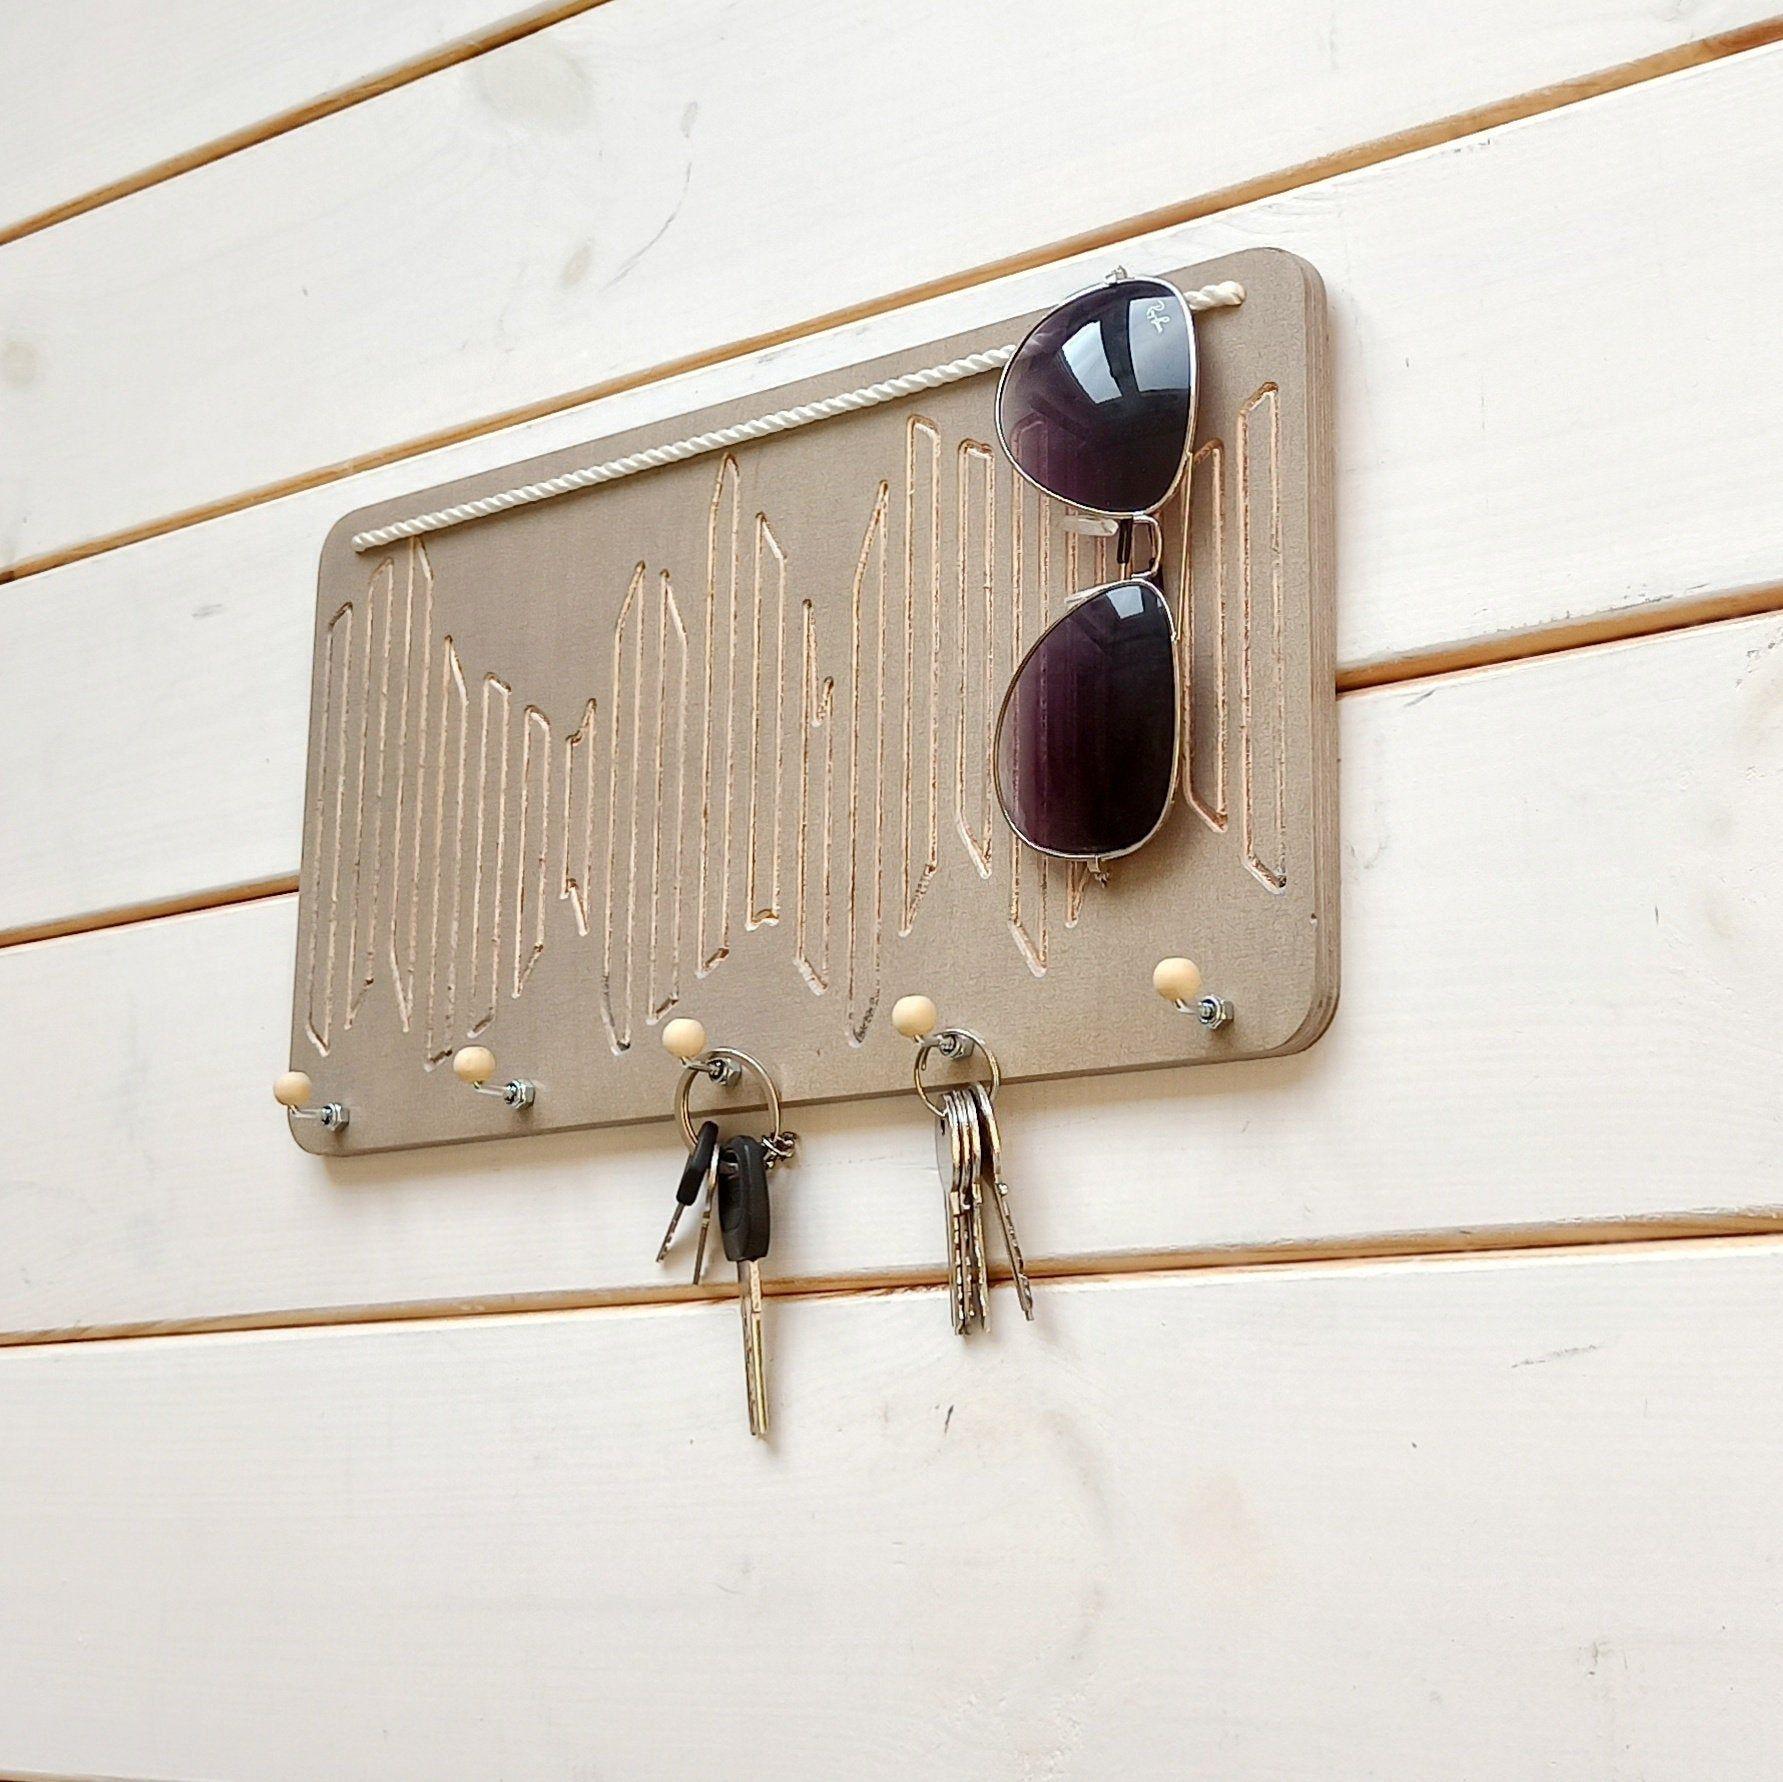 Custom Key Holder Holder For Wall Simple Key Holder Key Rack Home Wooden Key Hanger Modern Key Rack Hanging Key Rack Wooden Holder V 2020 G